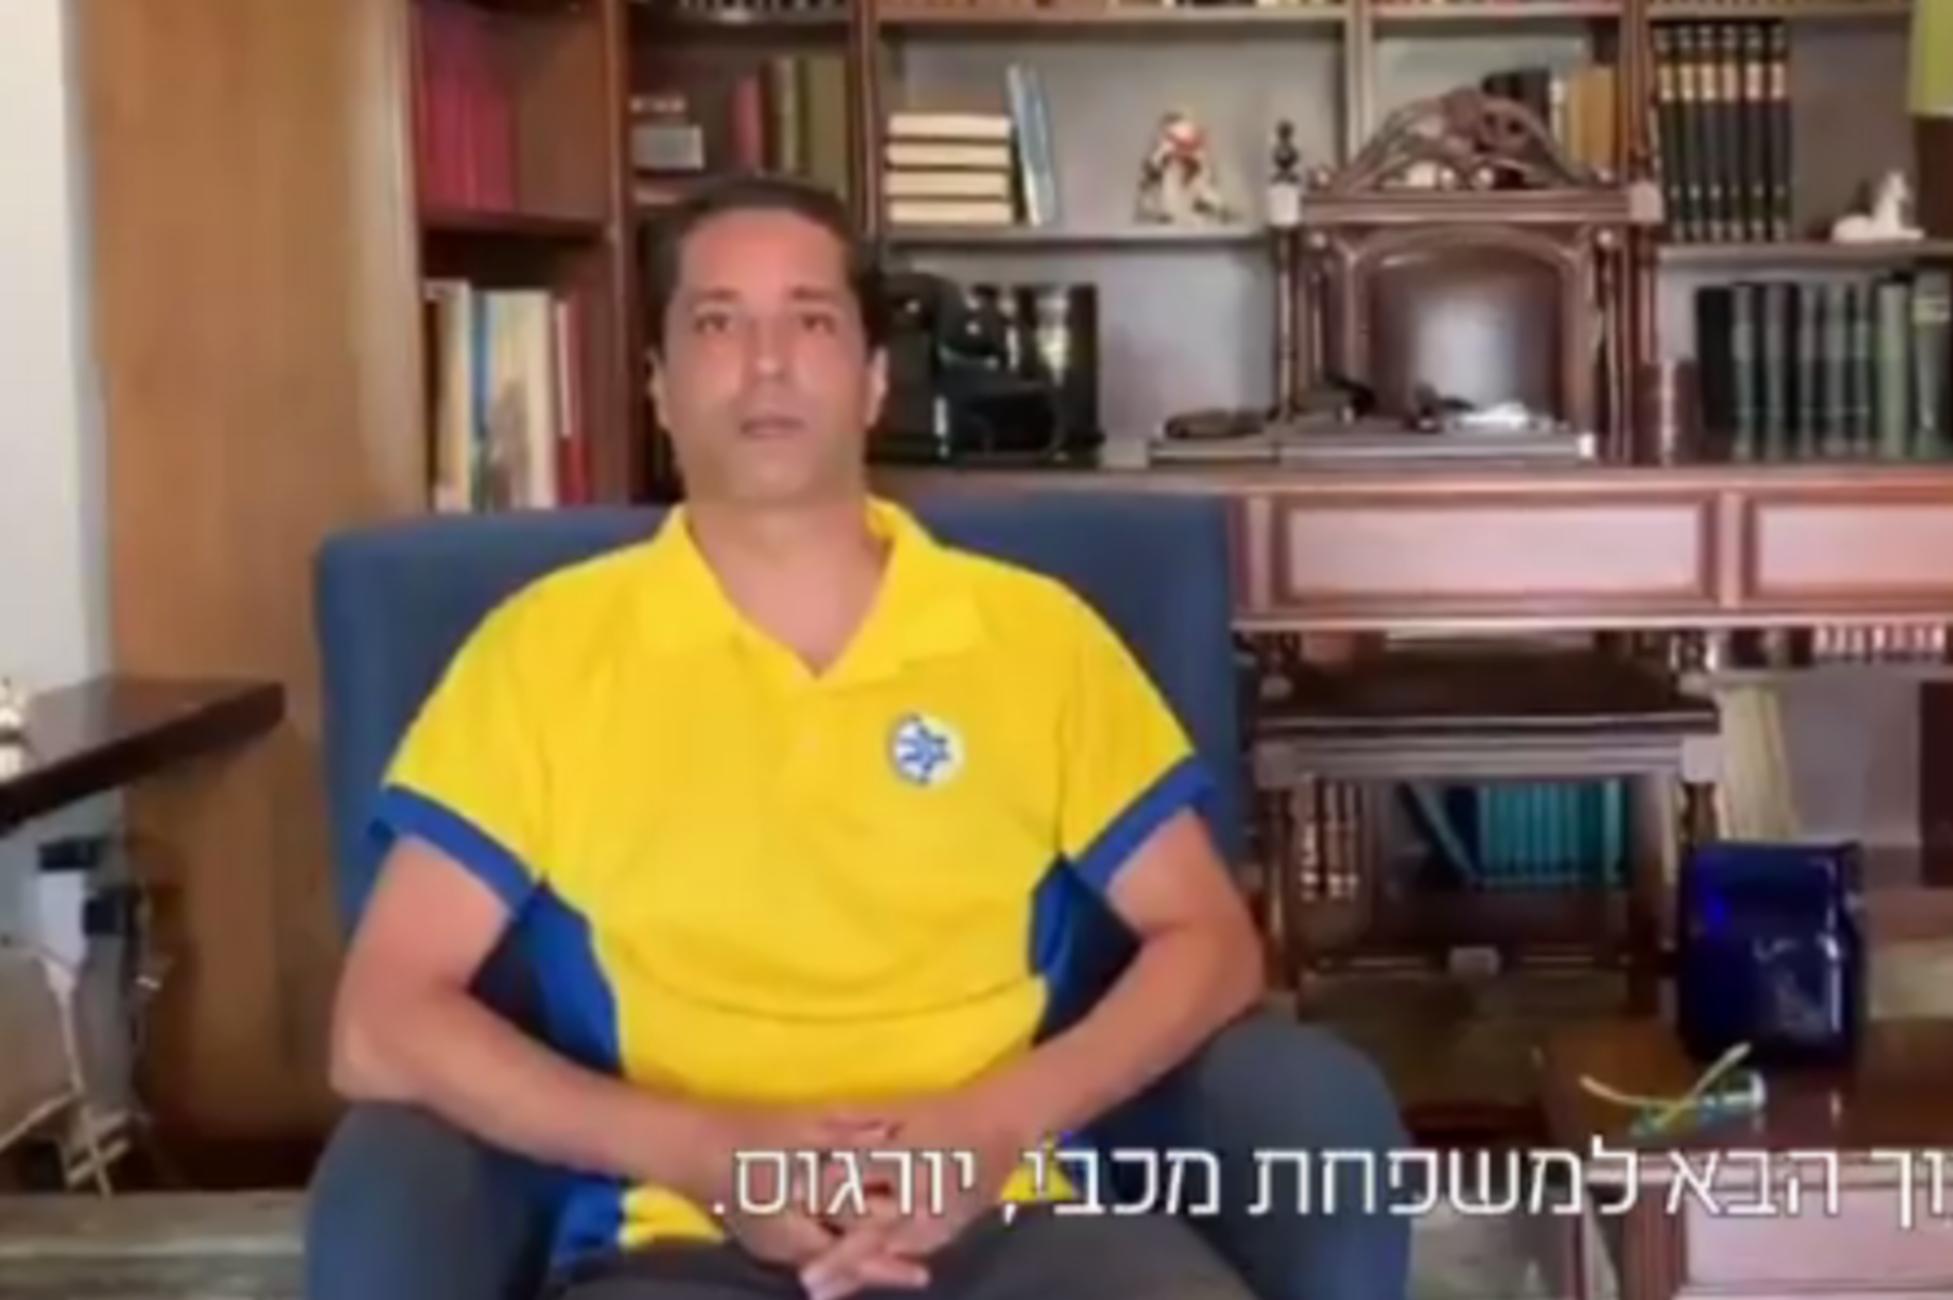 Ο Σφαιρόπουλος καλωσόρισε τον Δώνη στη Μακάμπι (video)